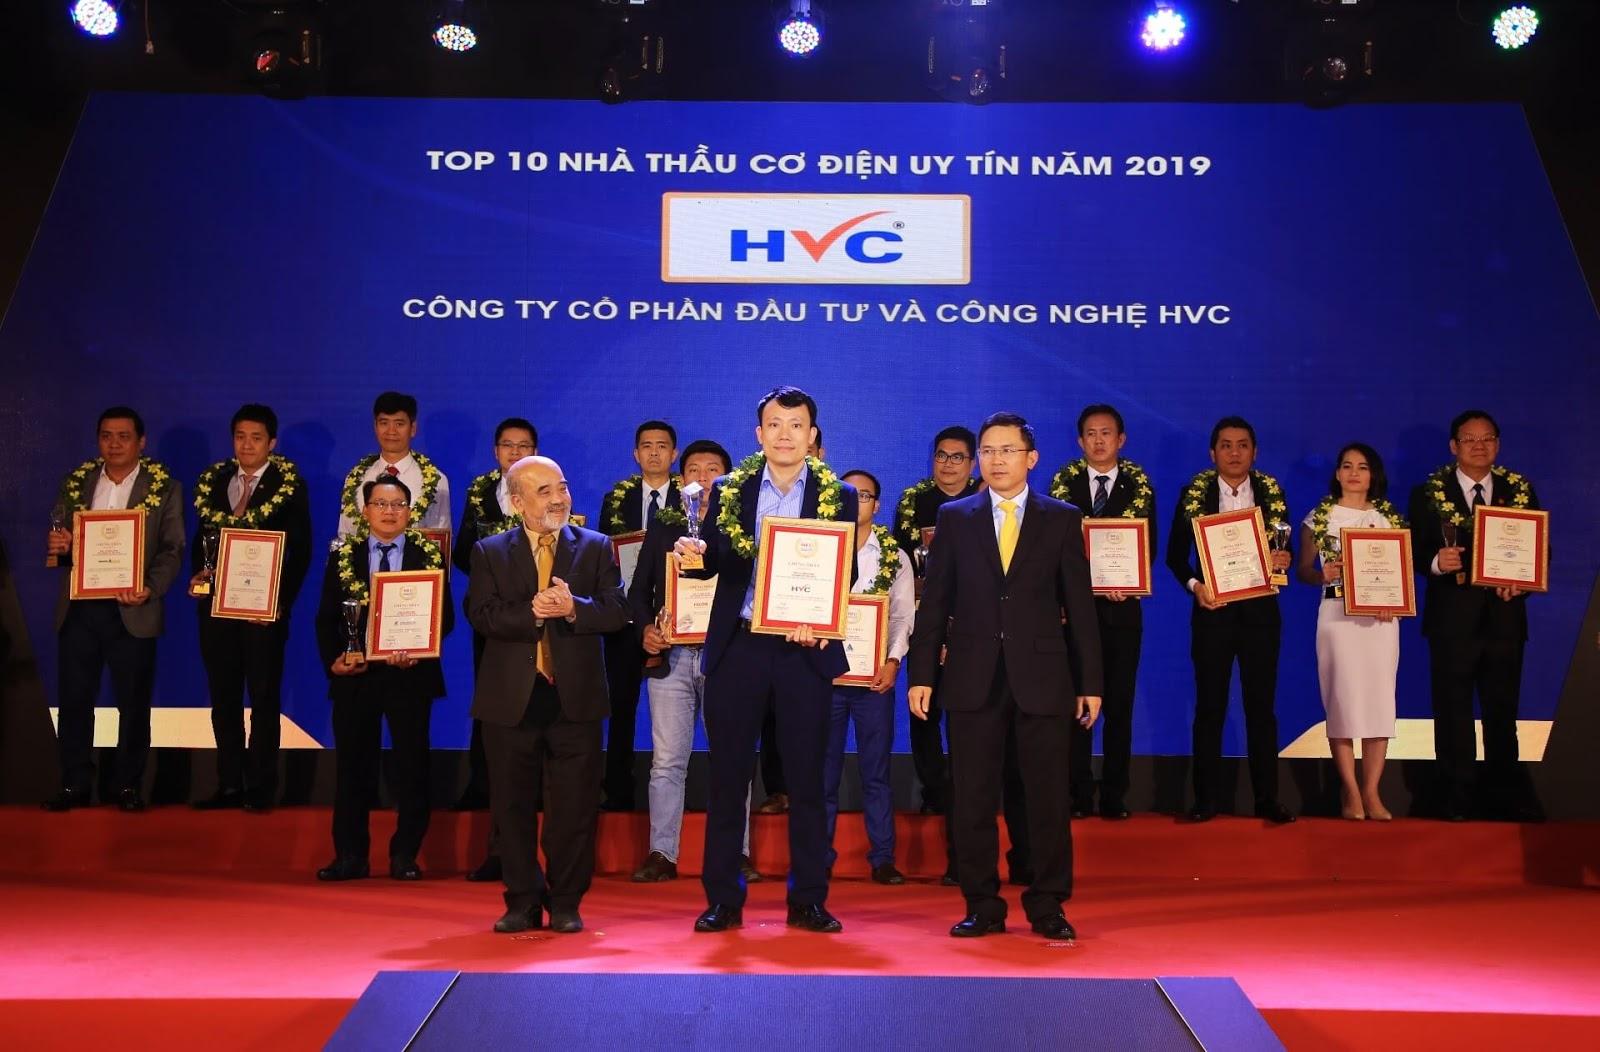 HVC Group top 10 nhà đầu cơ điện uy tín năm 2019